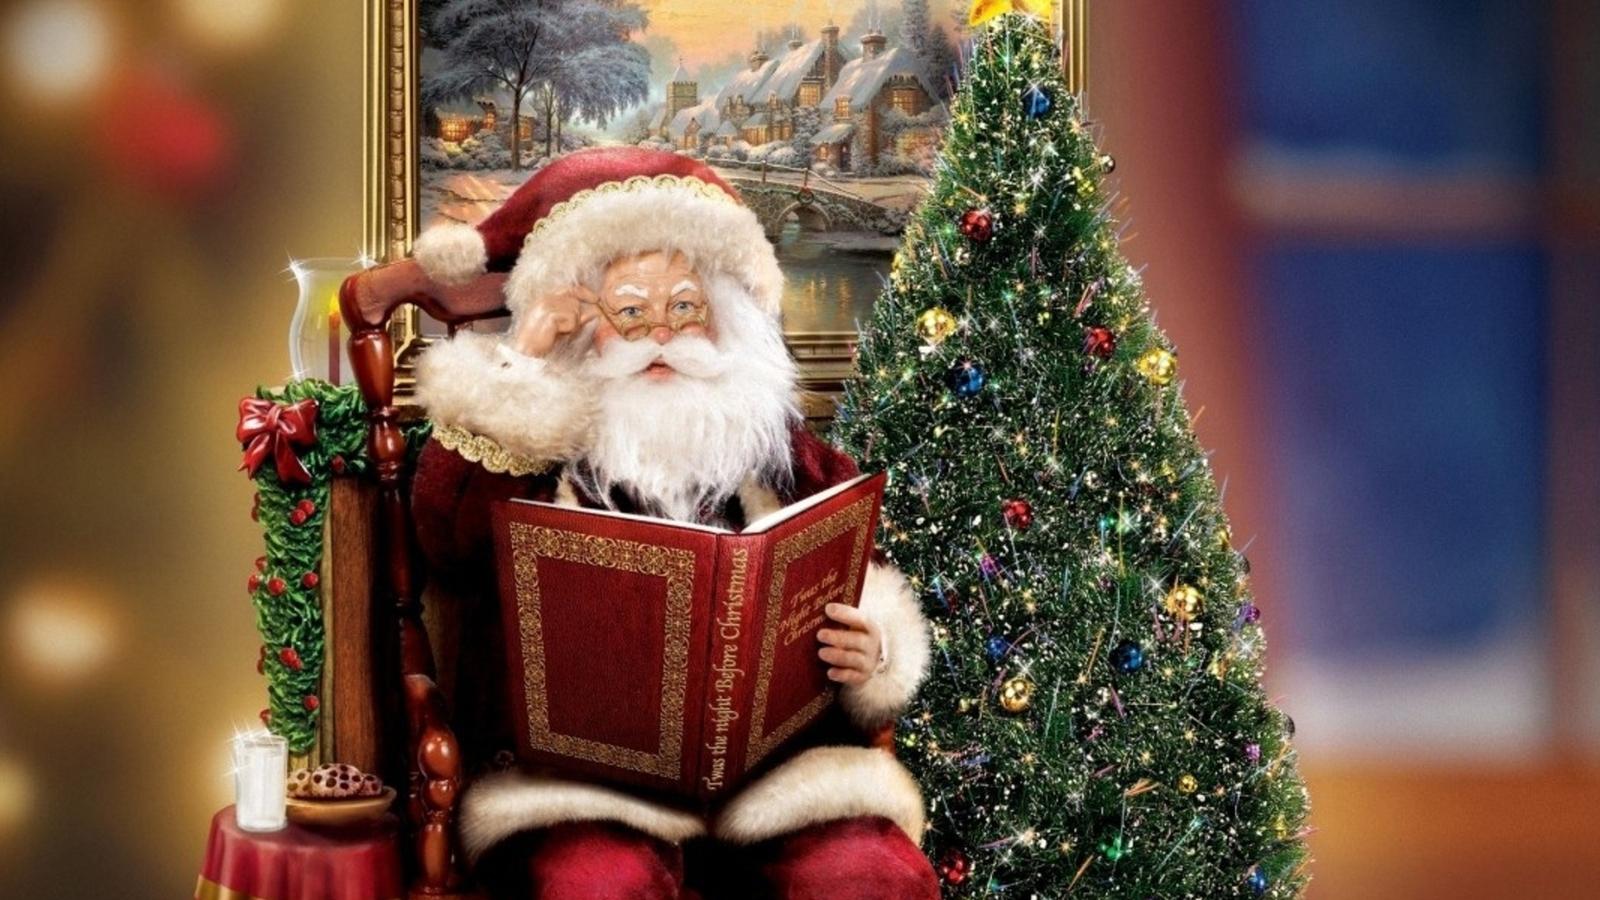 Домашний дед Мороз - C наступающим новым годом 2020 поздравительные картинки